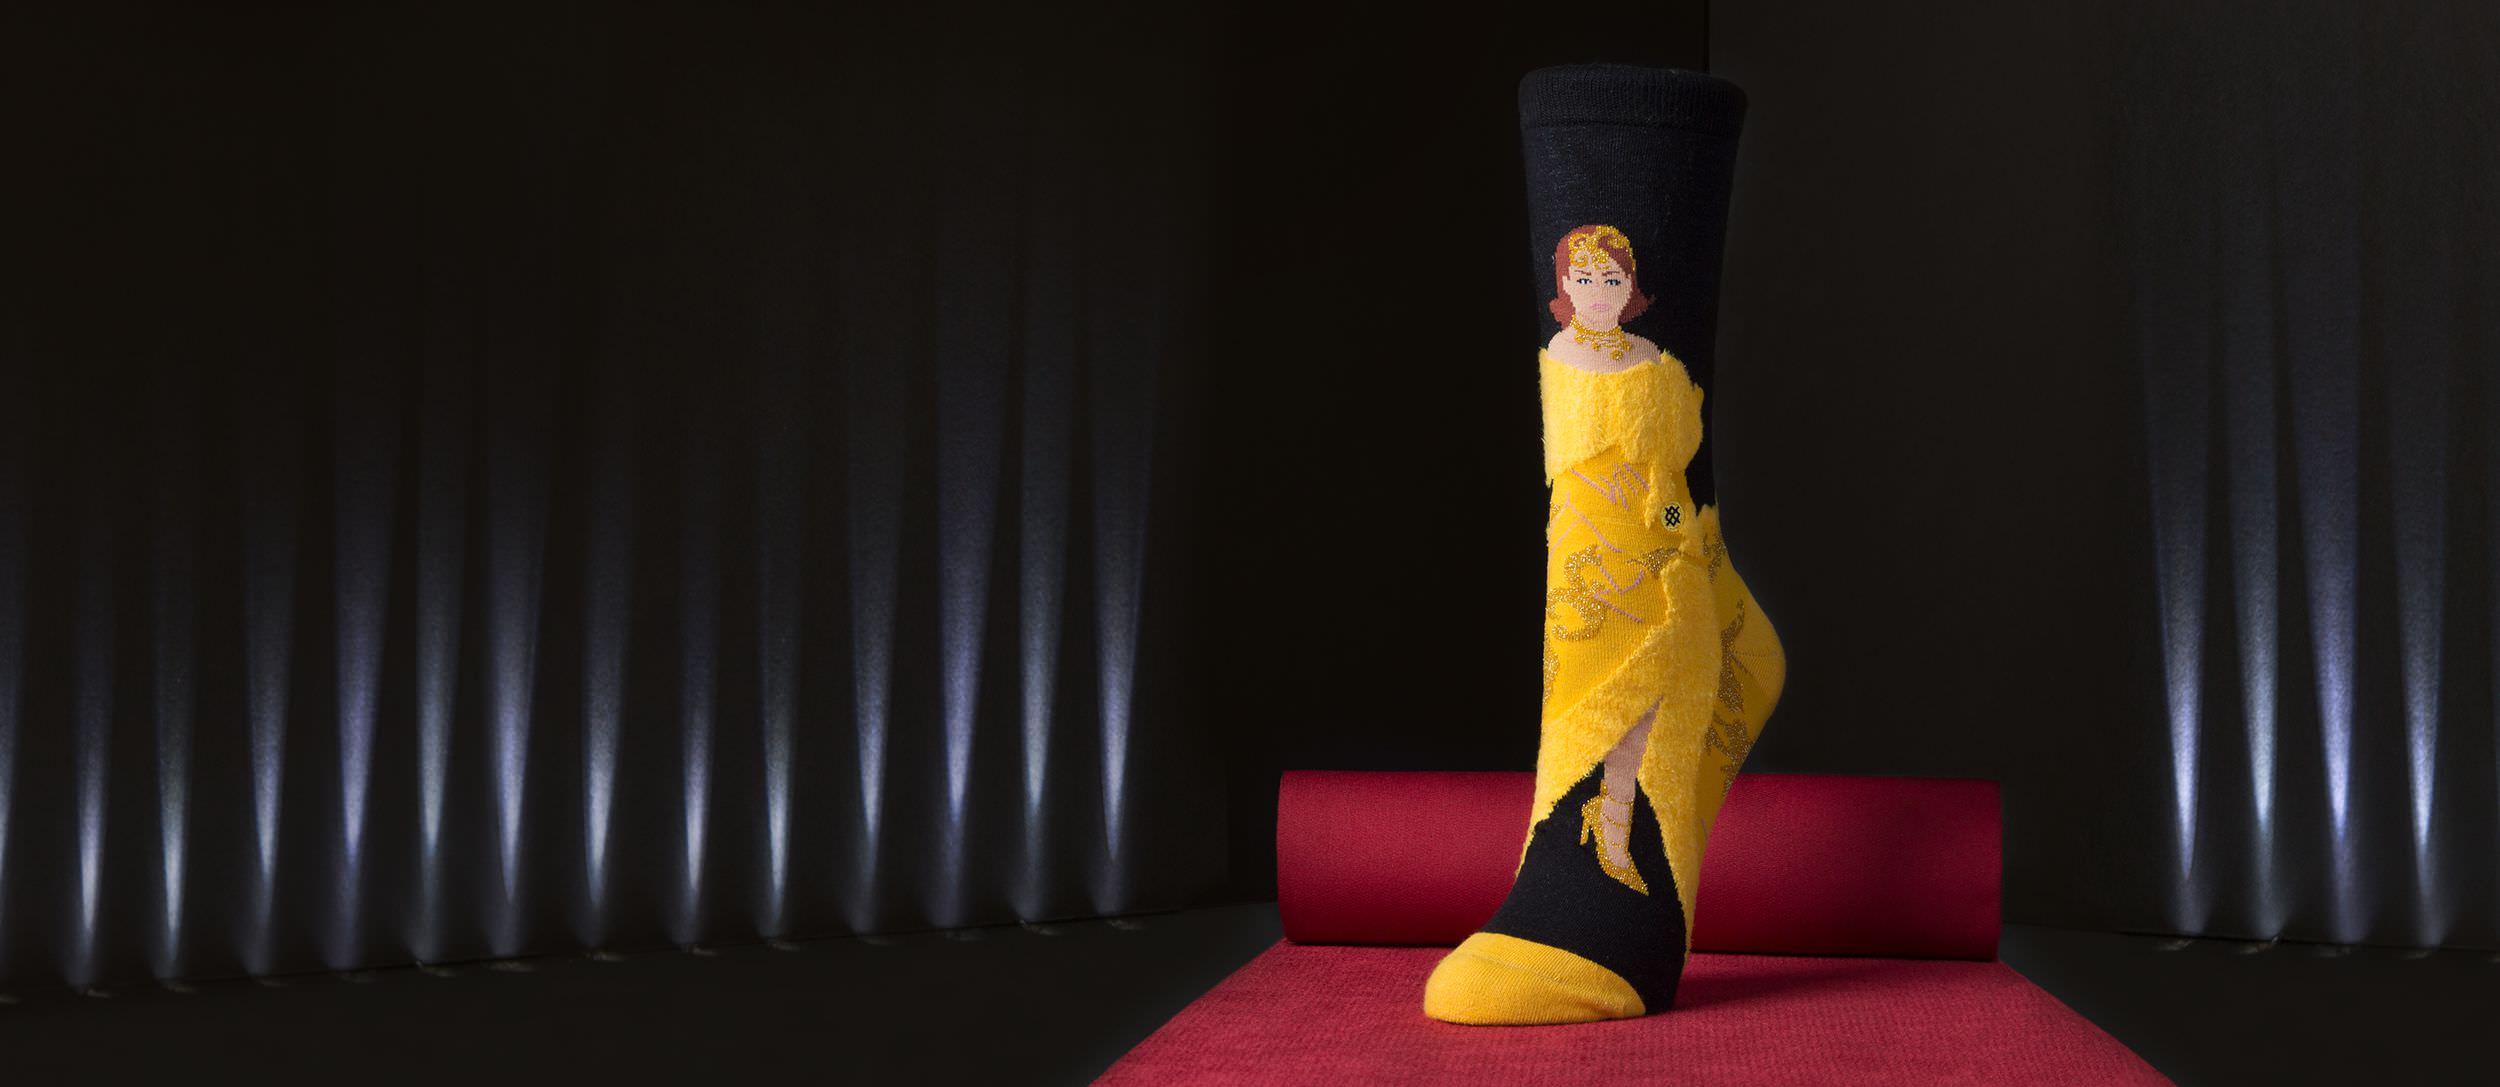 Носки по мотивам лучших нарядов Rihanna. Новая коллаборация певицы с брендом Stance